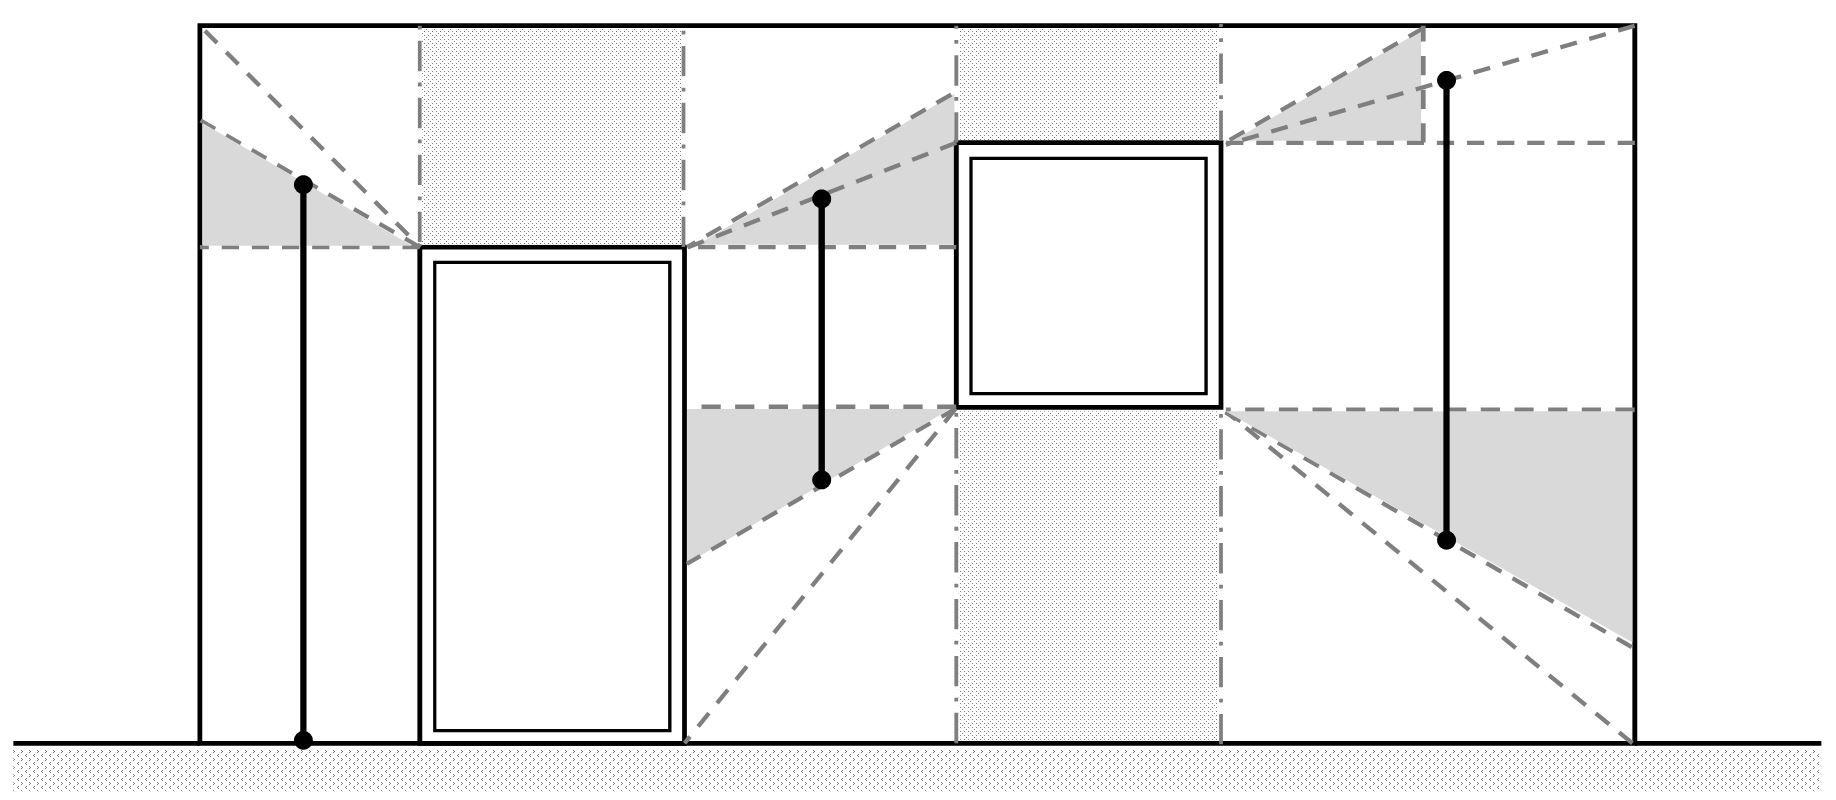 Determinazione dell'altezza efficace dei maschi murari.